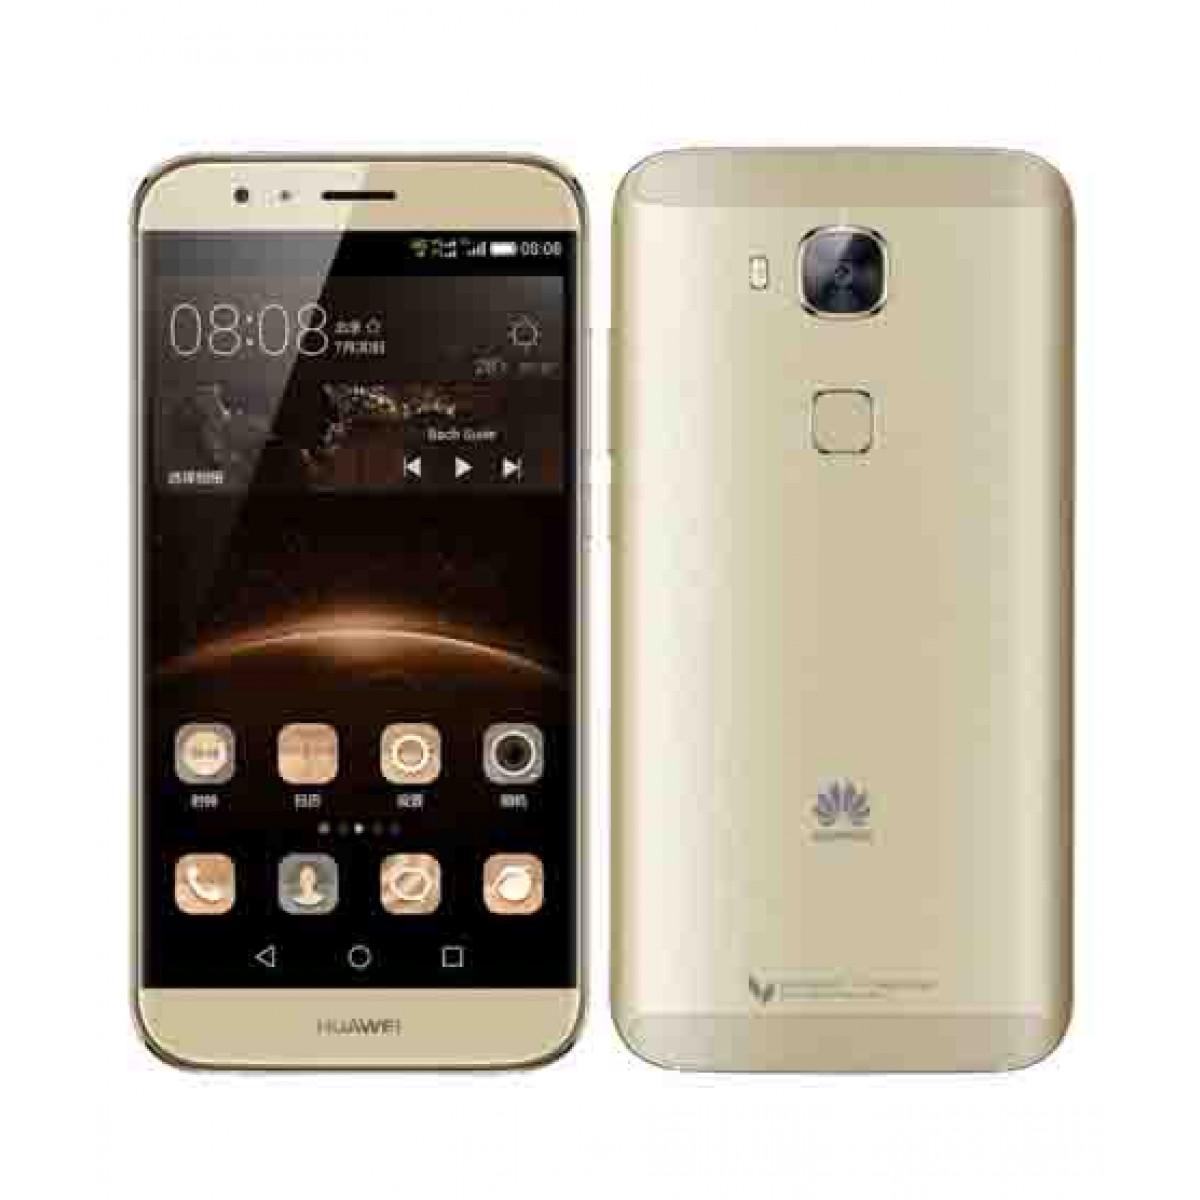 Huawei G8 Dual Sim 4G - Gold